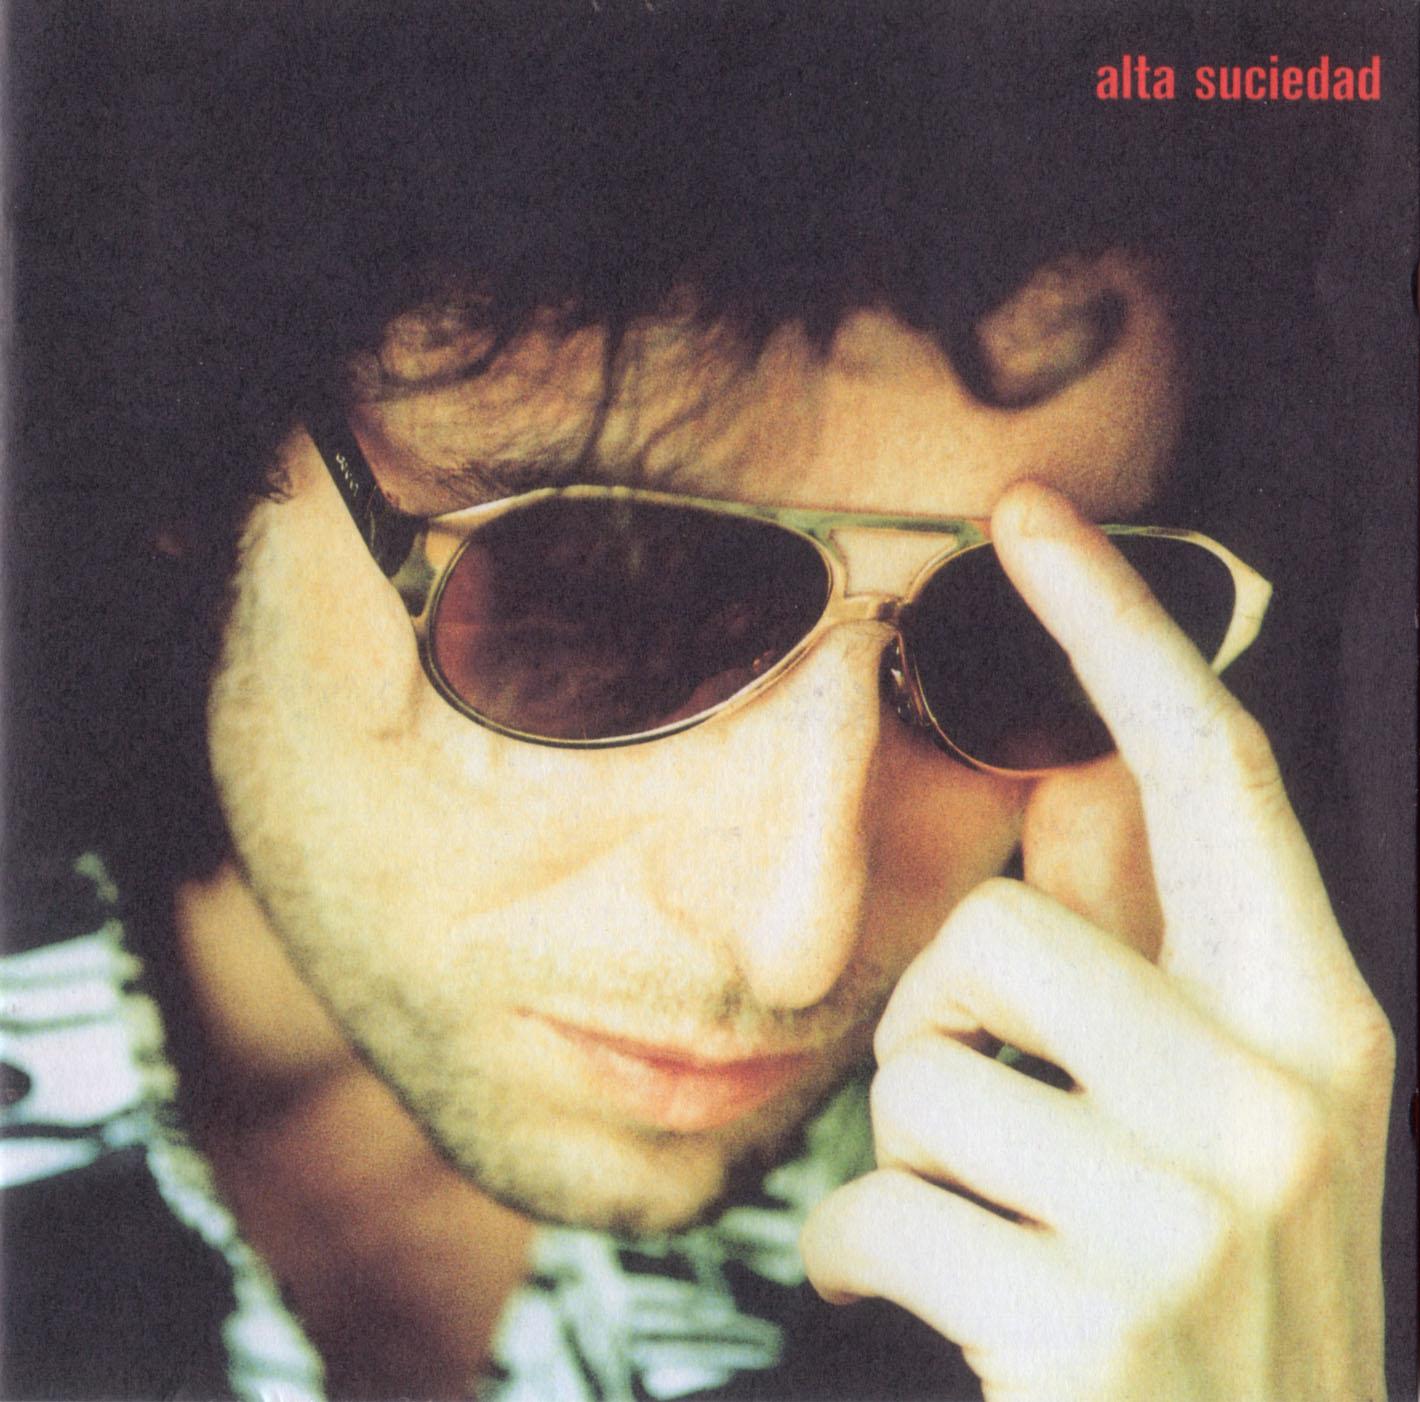 Los discos esenciales del pop español - Página 5 Andr%C3%A9s+Calamaro+-+Alta+Suciedad+(1997)